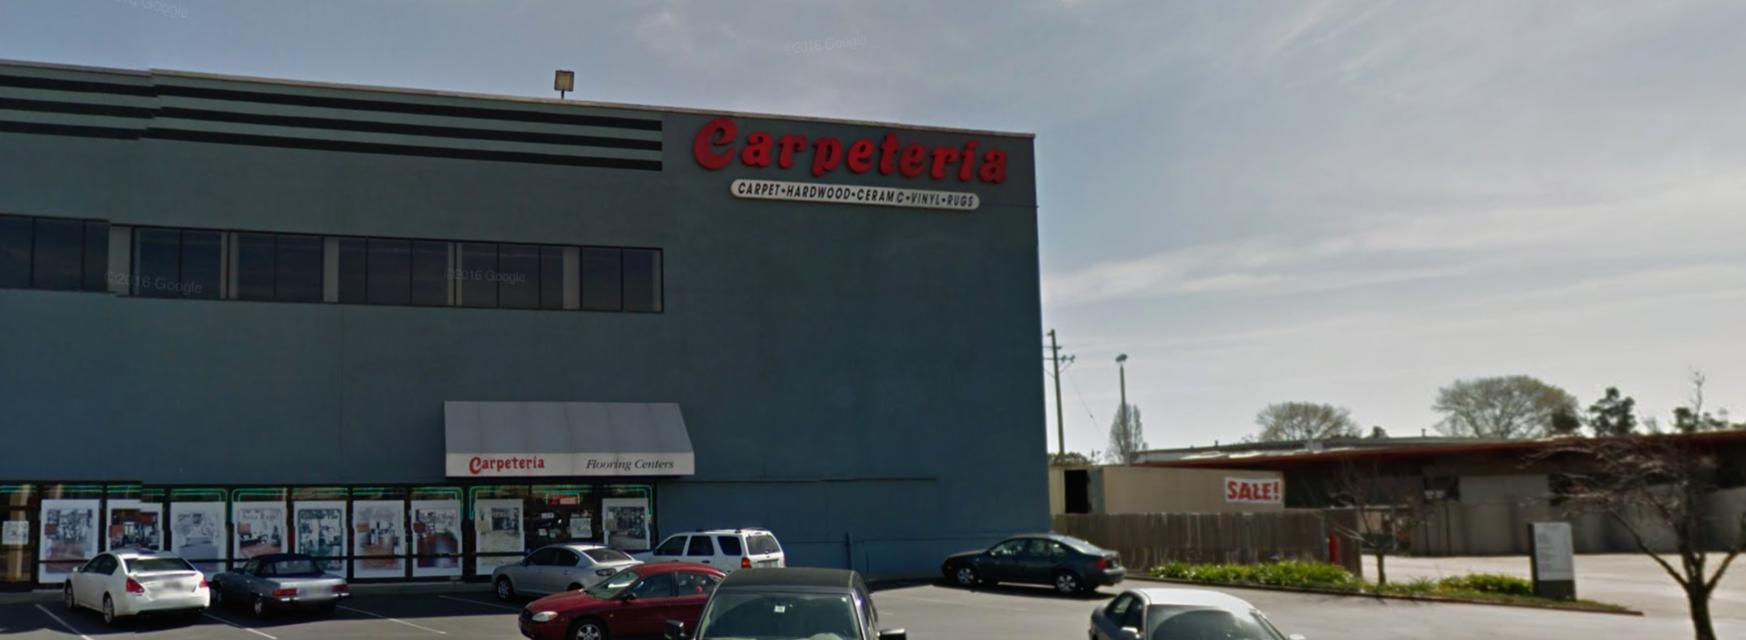 Carpeteria Flooring Centers - 1933 Davis St #102 San Leandro, CA 94577